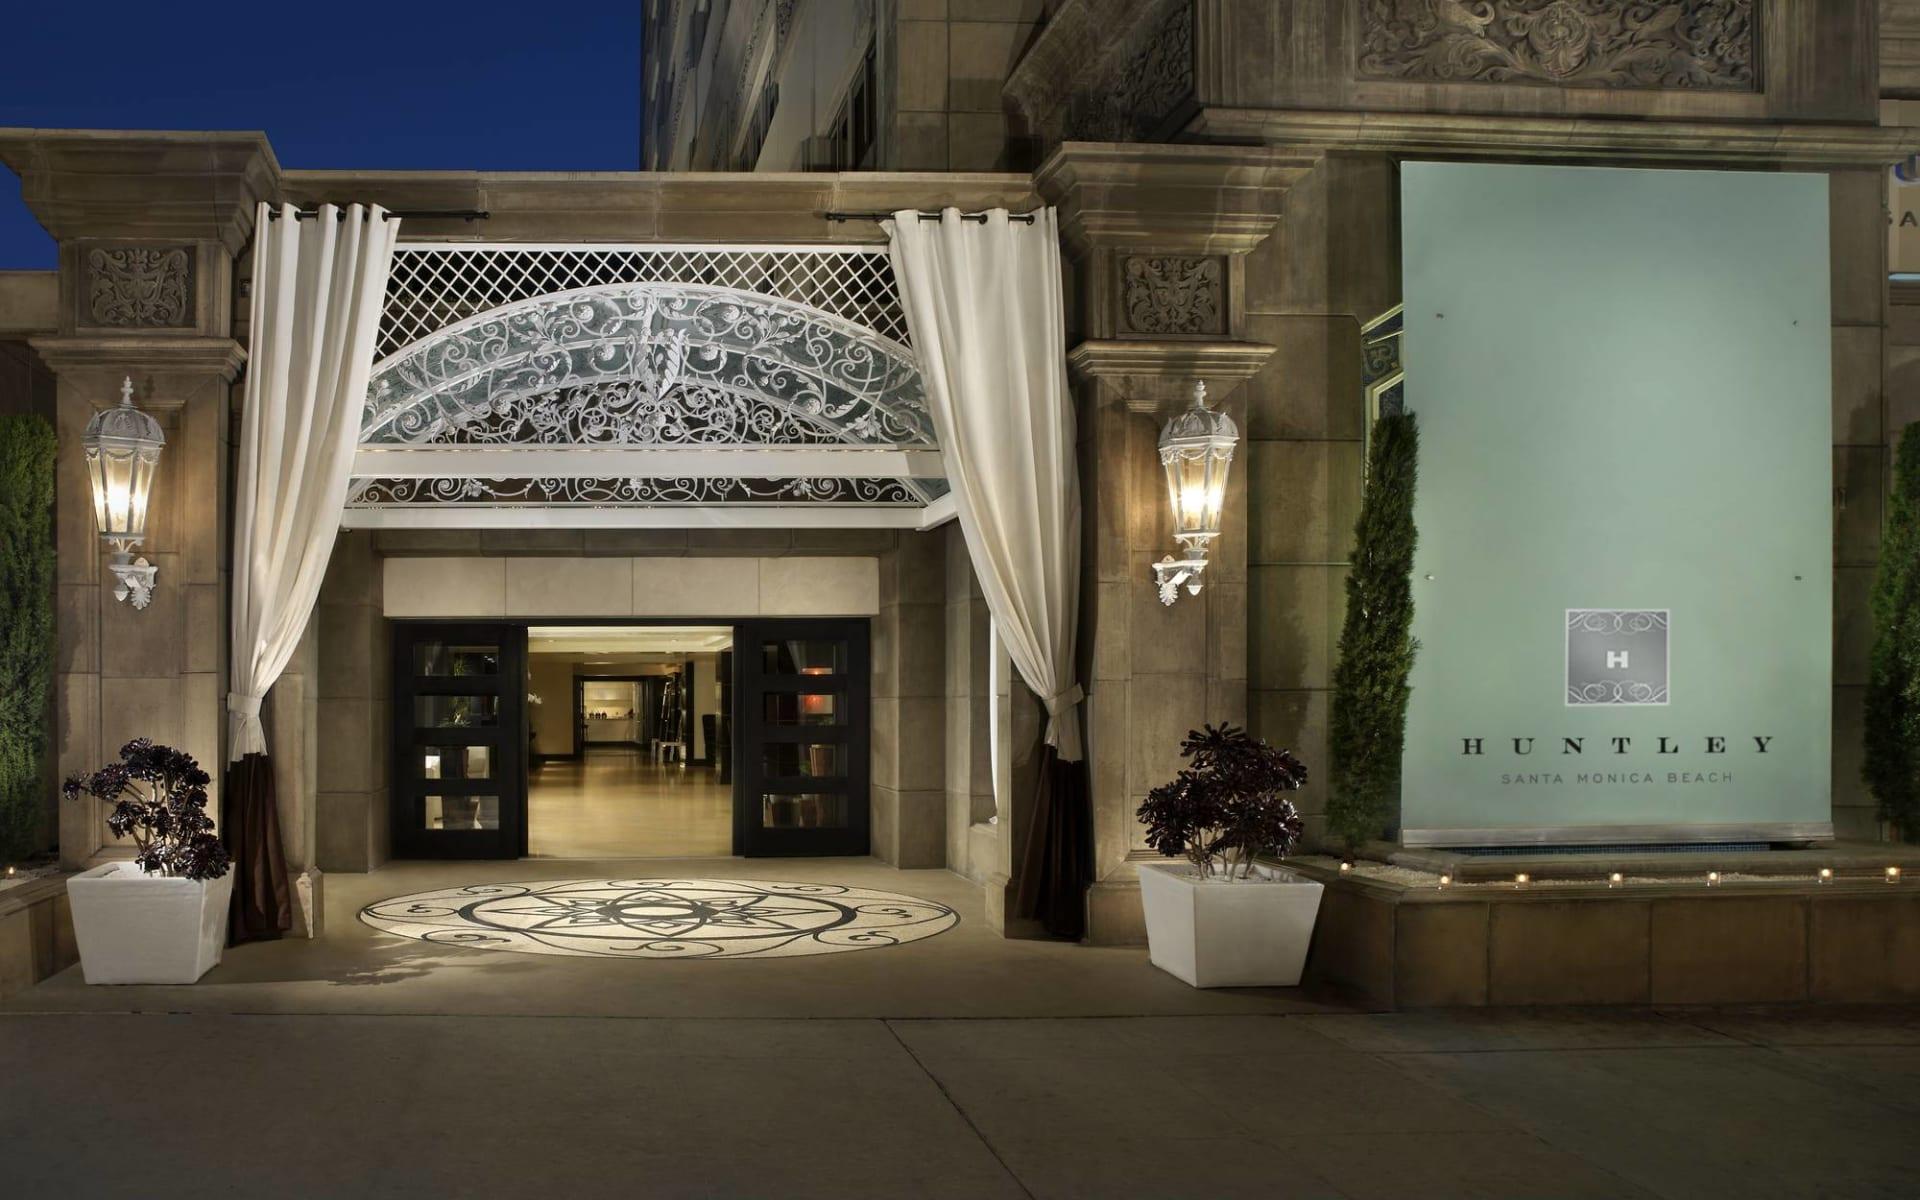 The Huntley Santa Monica Beach Hotel:  The Huntley - Aussenansicht bei Nacht